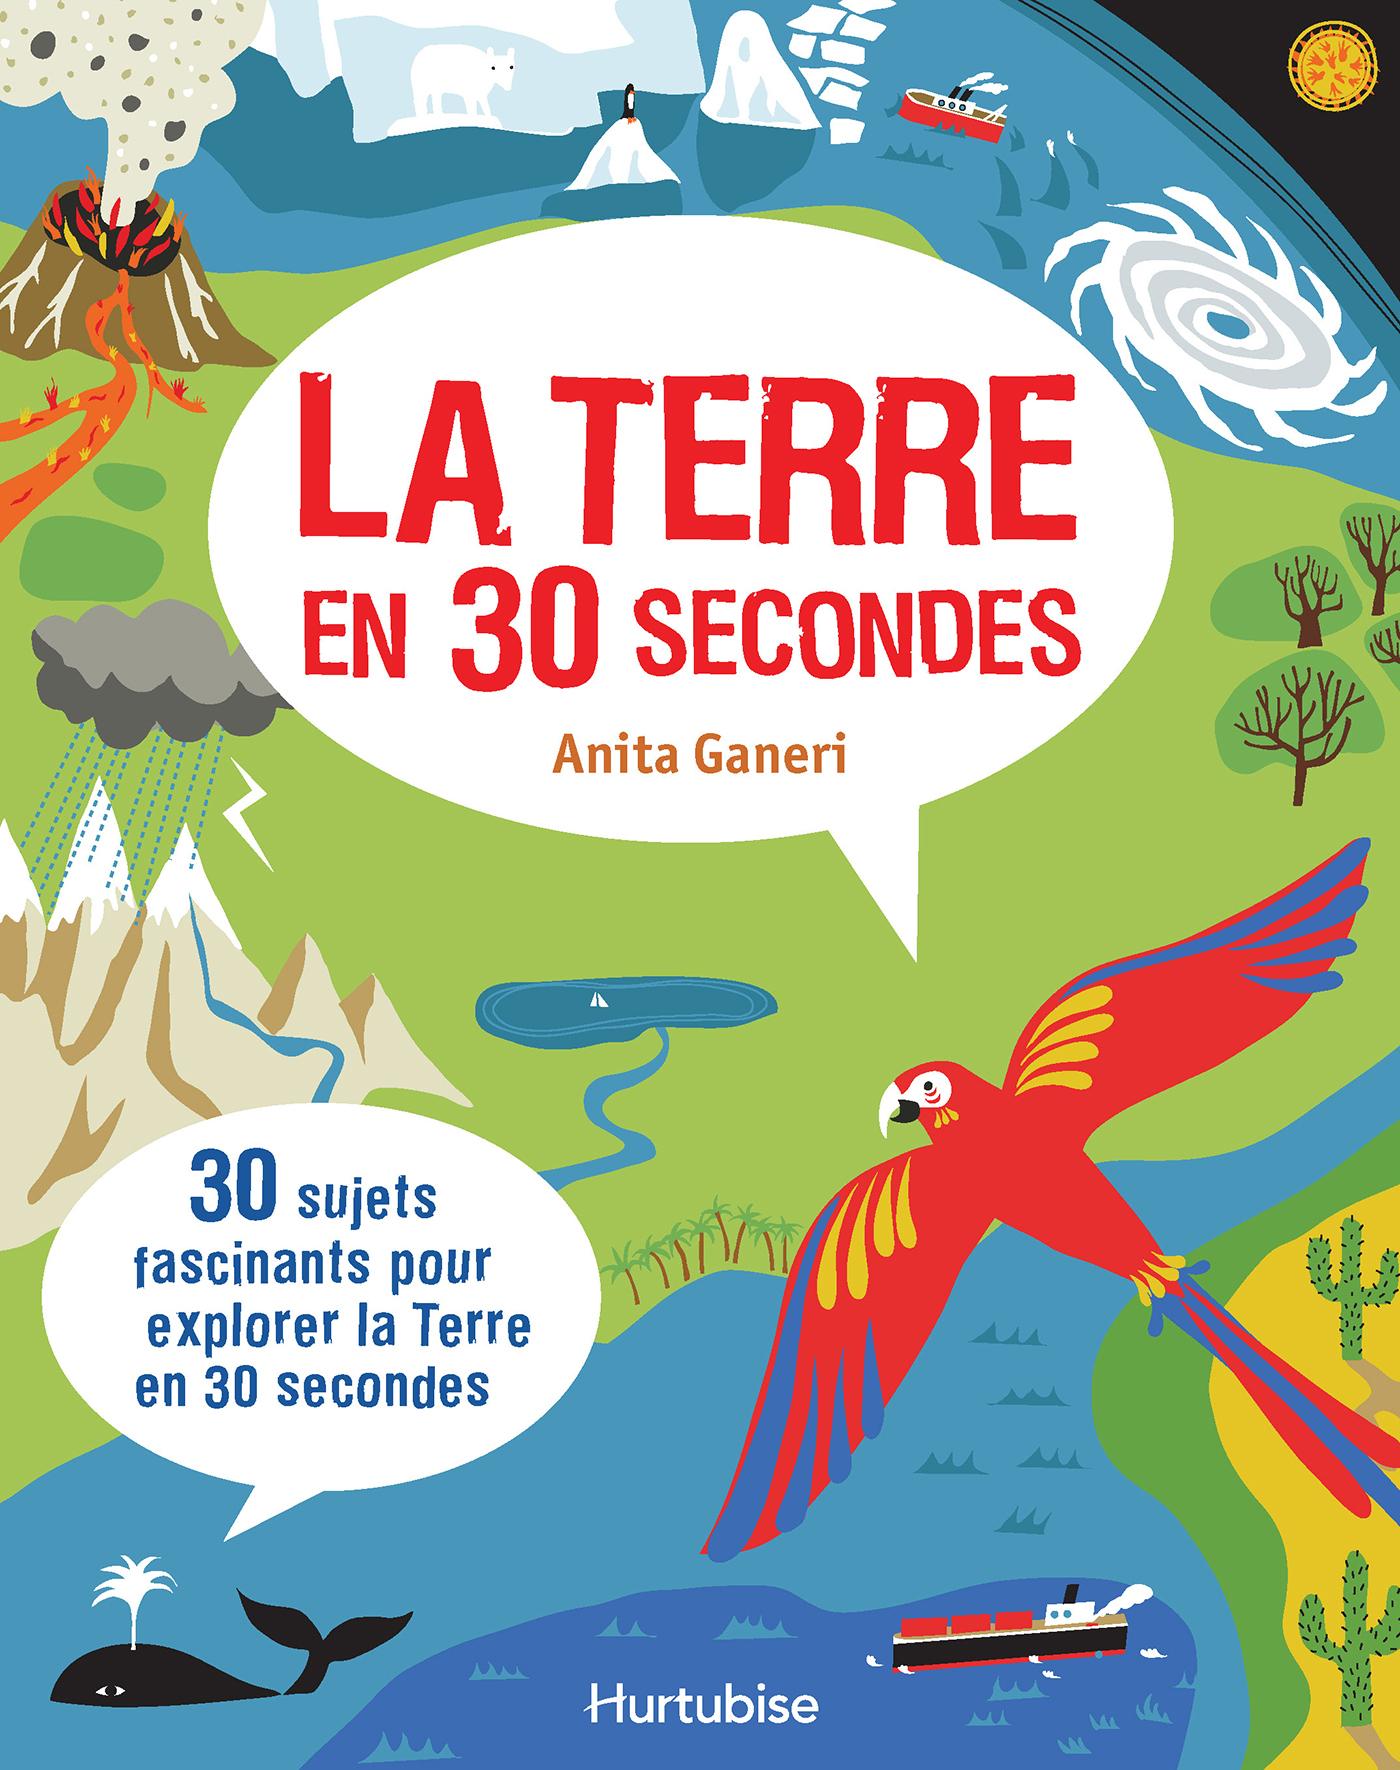 La terre en 30 secondes